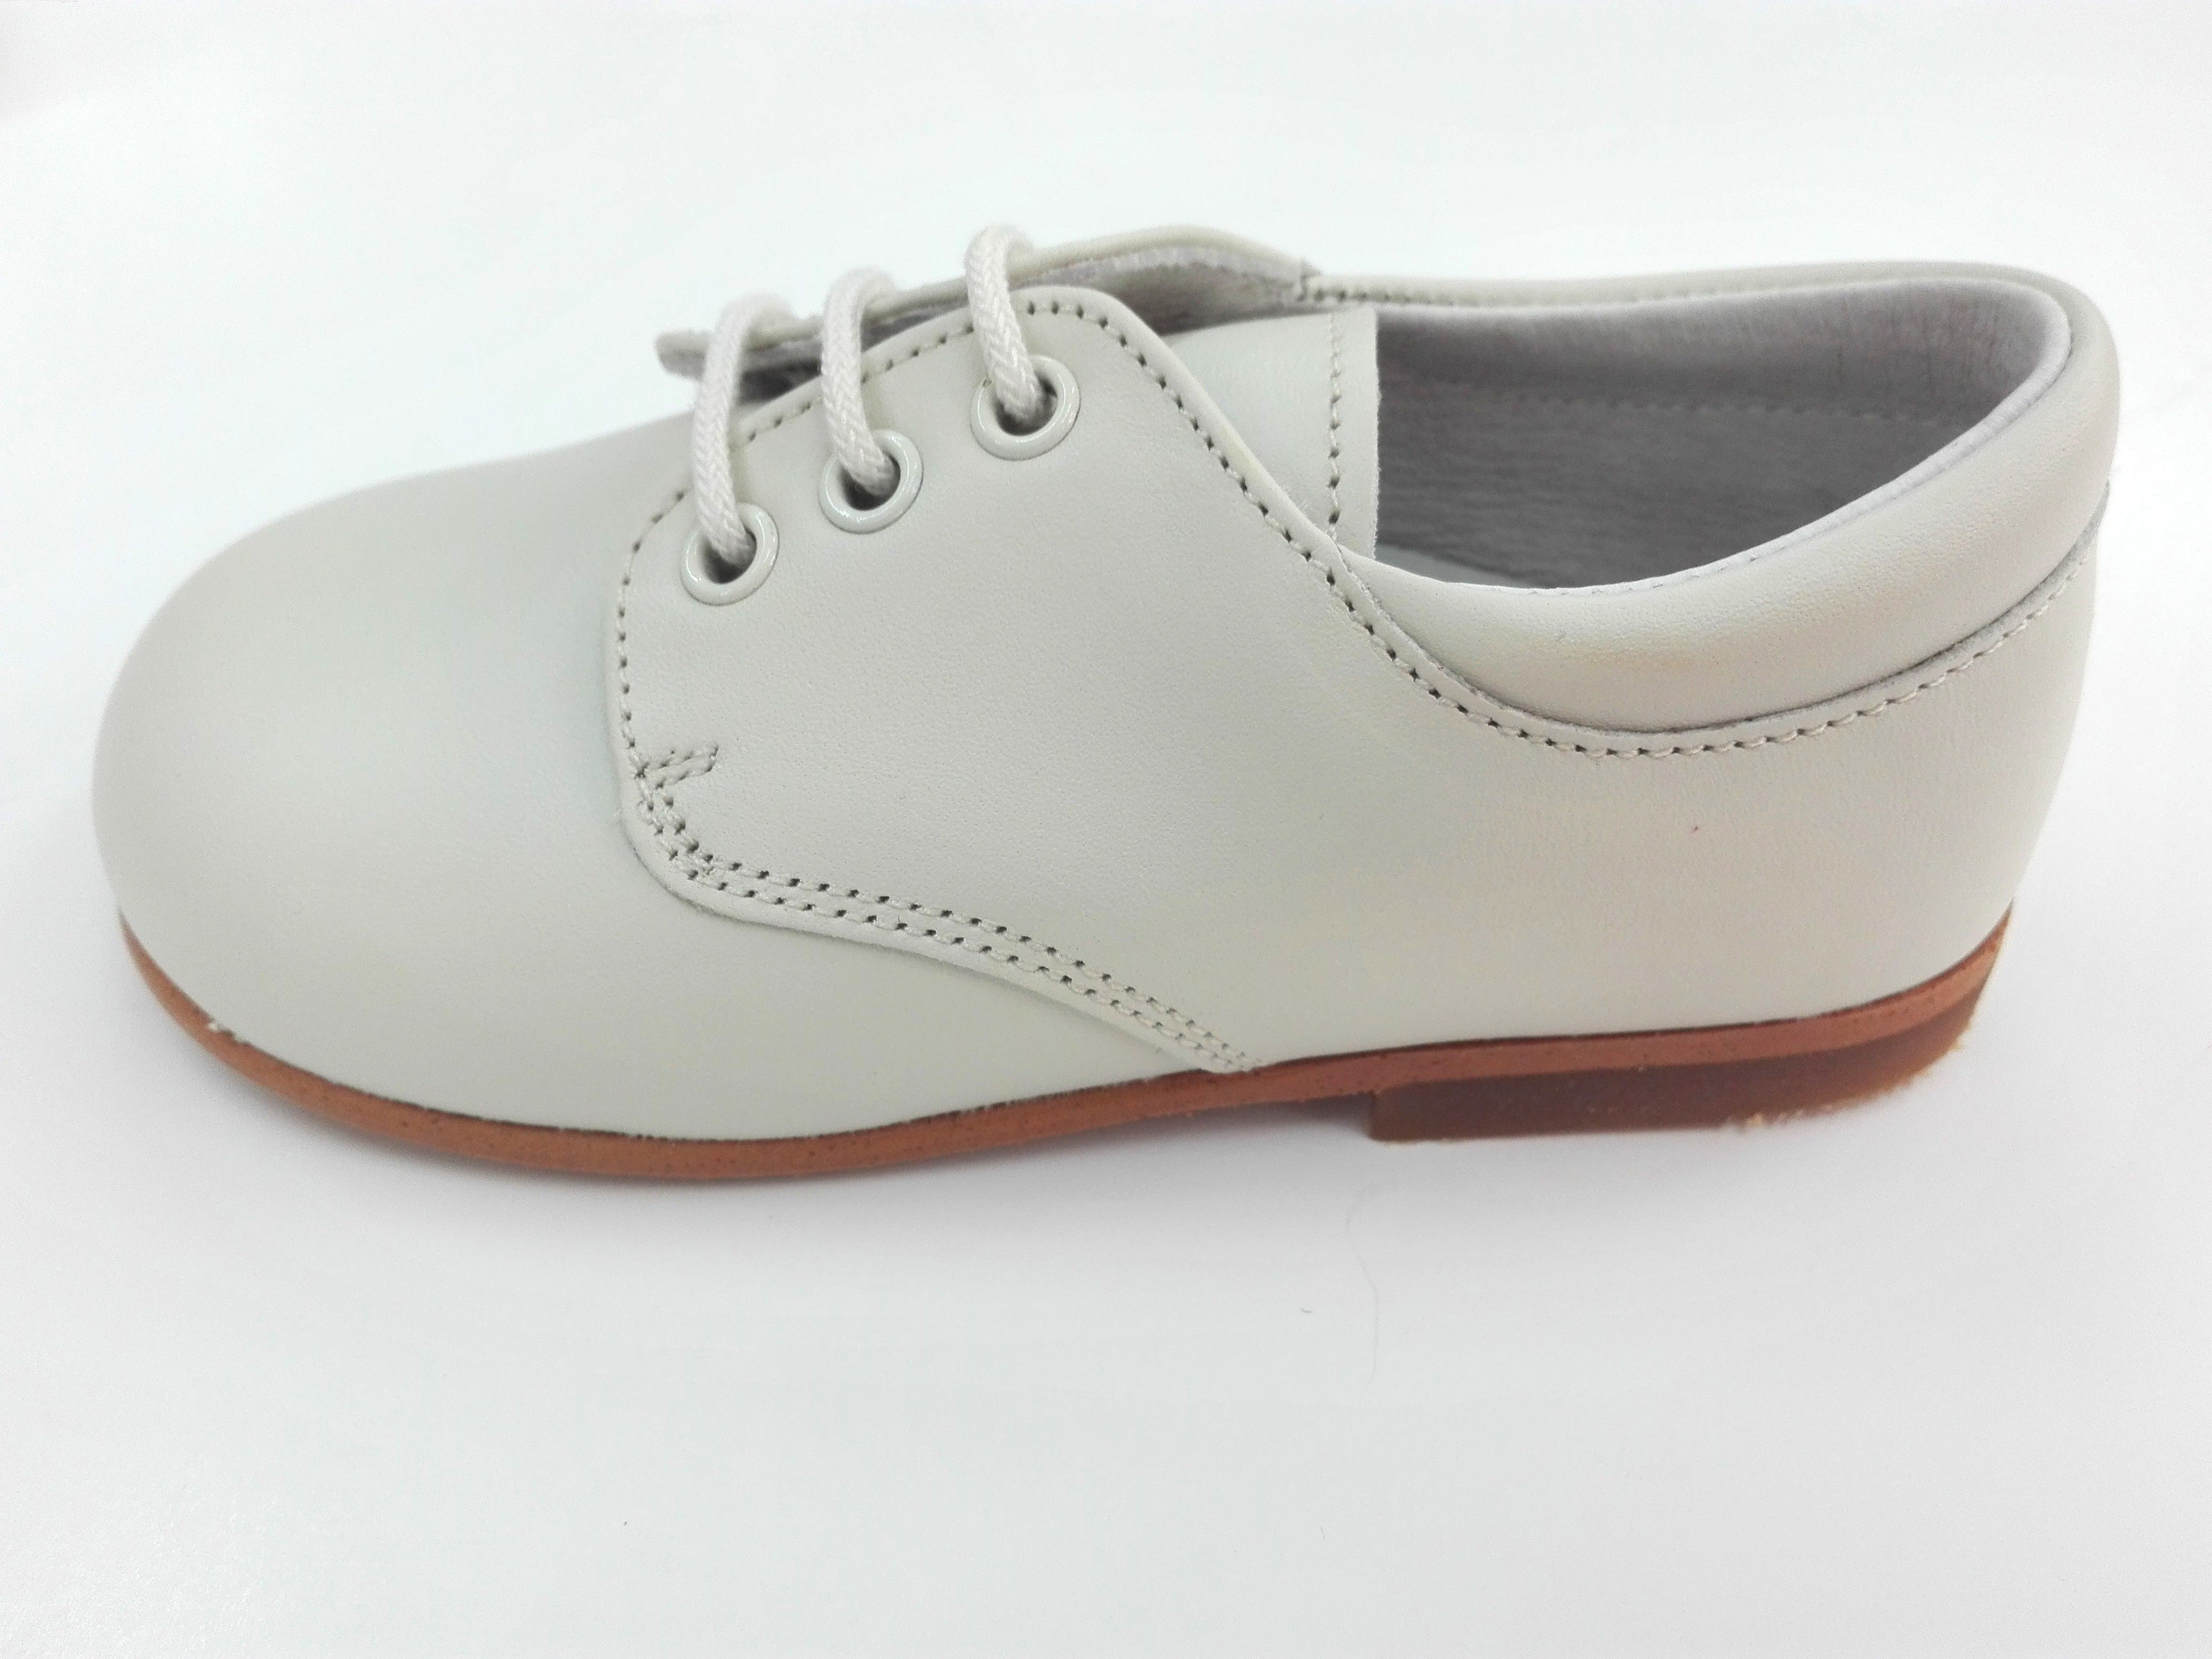 967920a96 Zapato niño cordón piel BEIGE - Arca Boutique Infantil-Juvenil